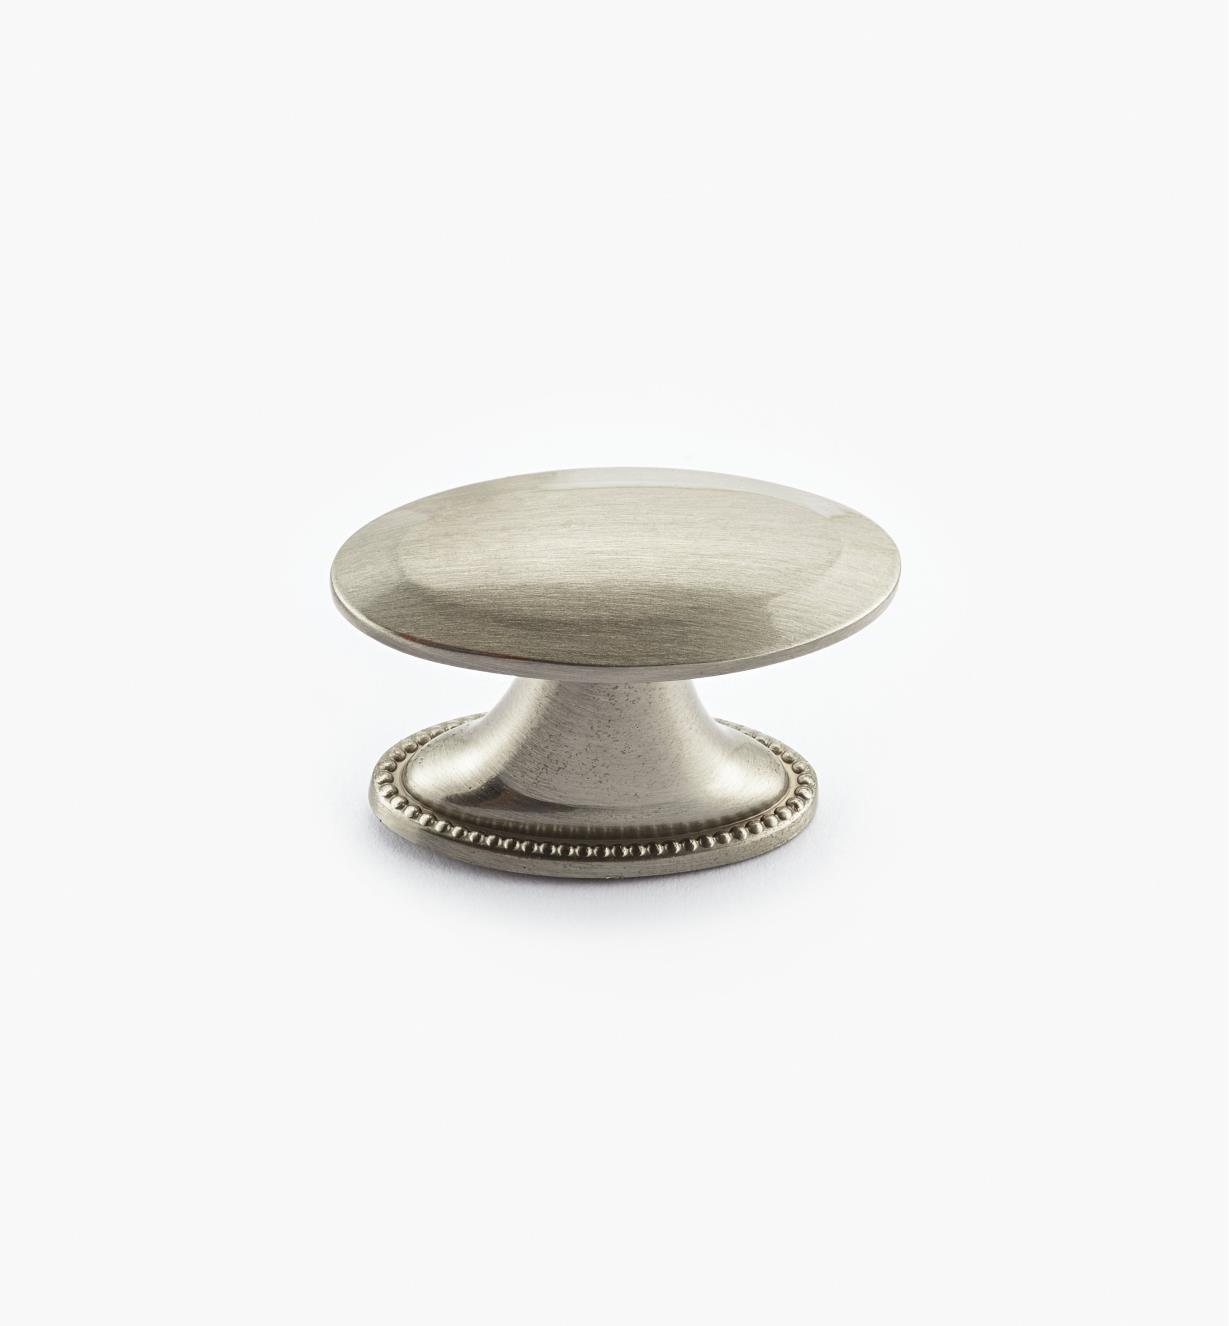 02A1581 - Bouton ovale Atherly, fini nickel satiné, 1 1/2 po x 3/4 po